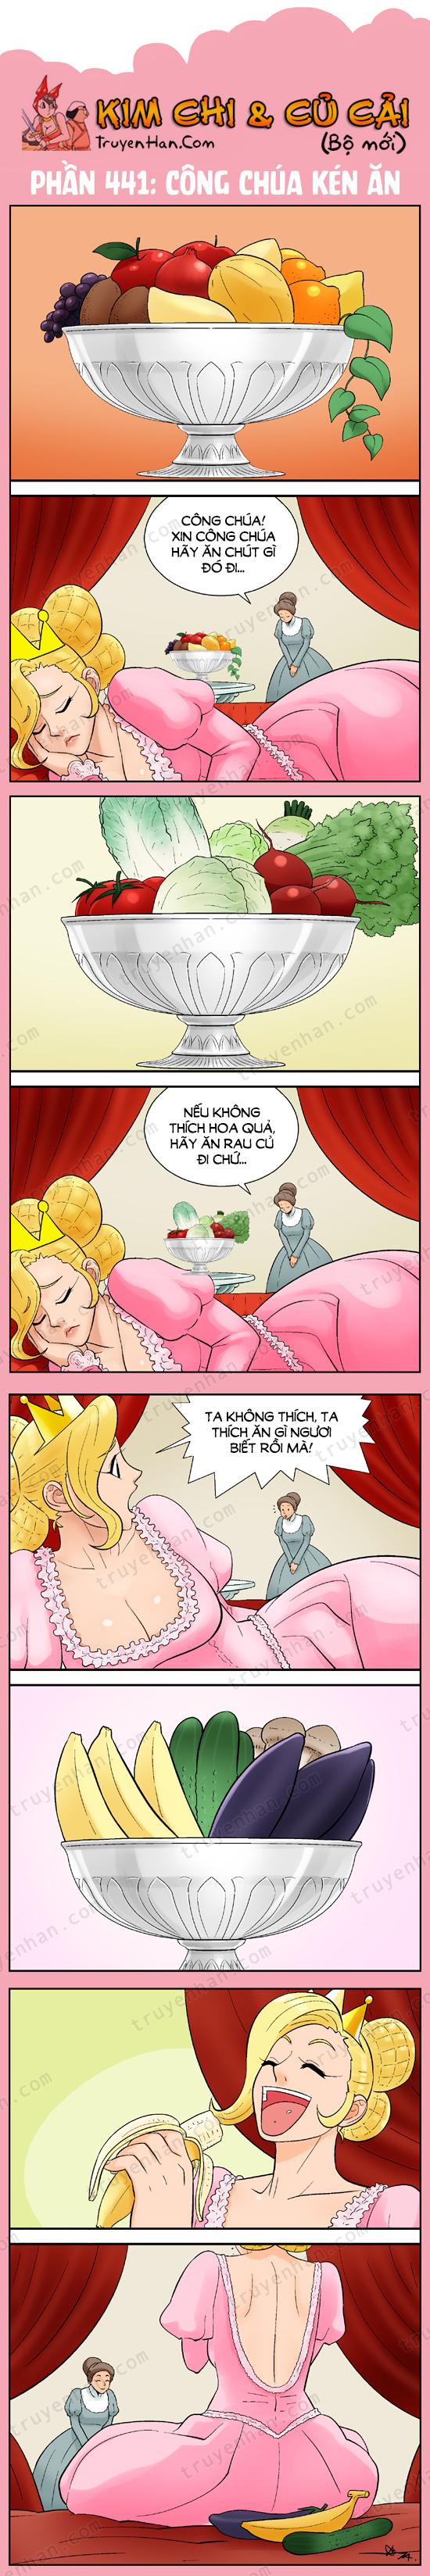 Kim Chi Và Củ Cải phần 441: Công chúa kén ăn